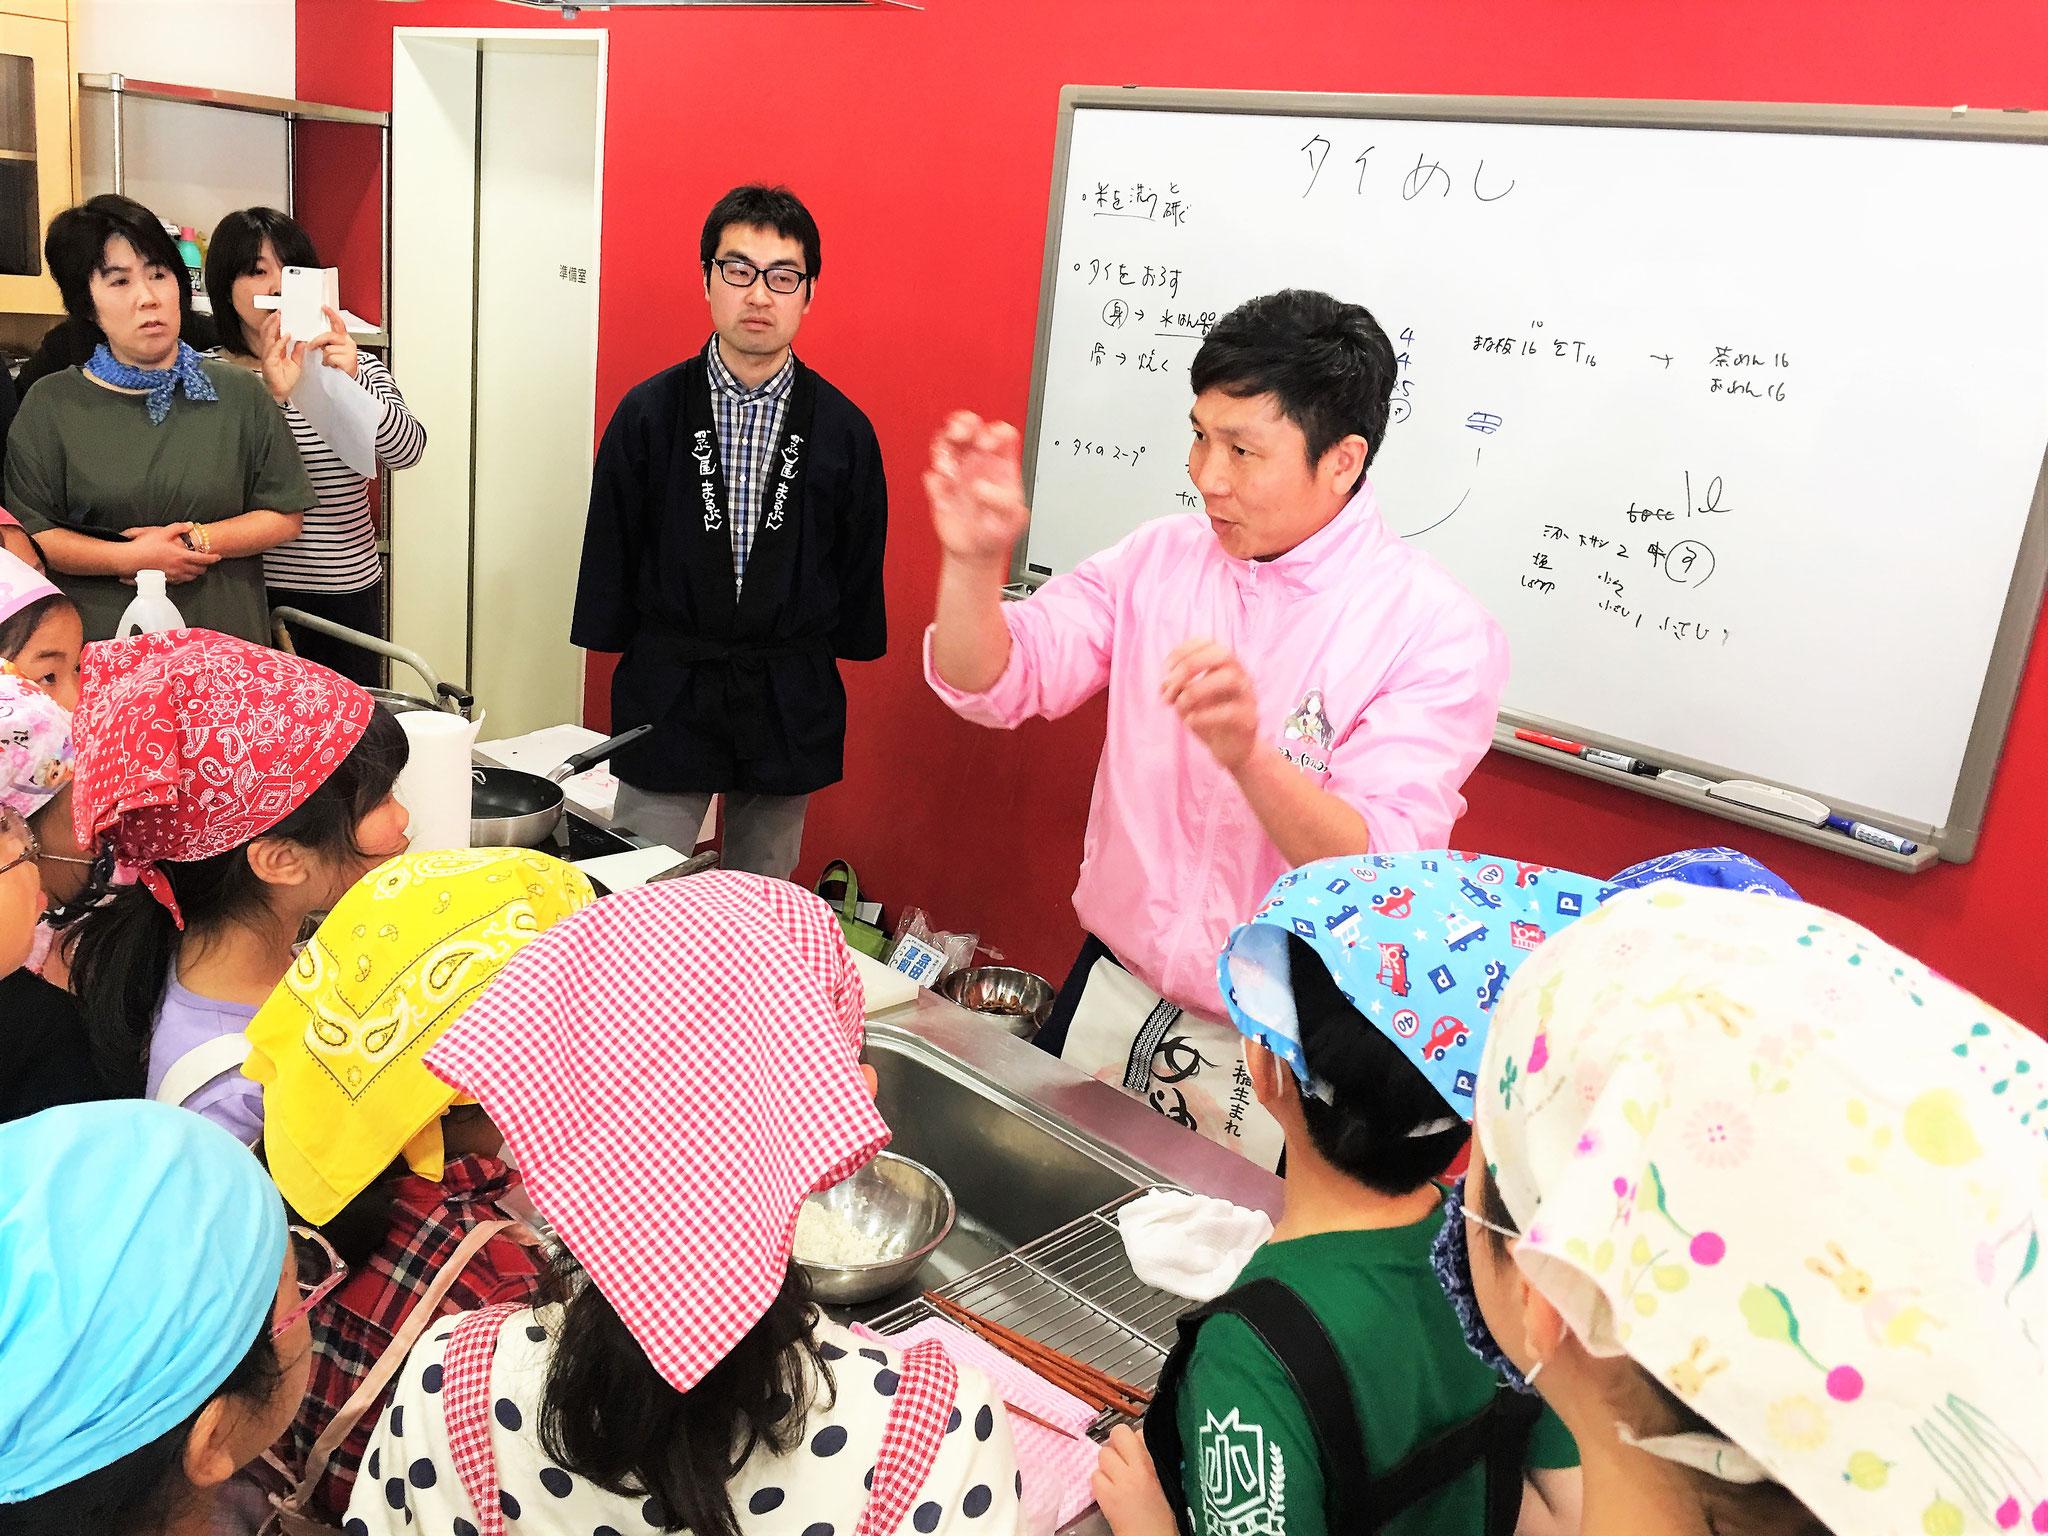 八十八米穀店の岩嶋さんからお米の研ぎ方を学ぶ。